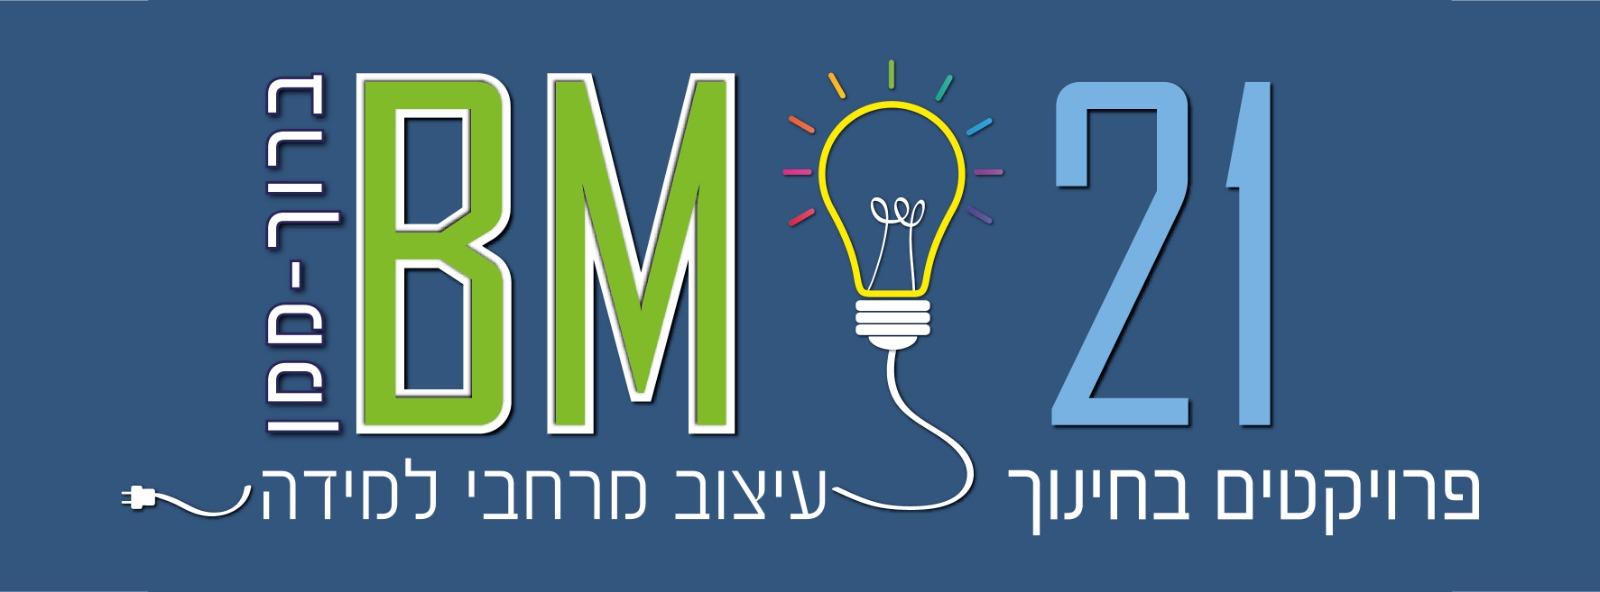 במ פרויקטים בחינוך BM21